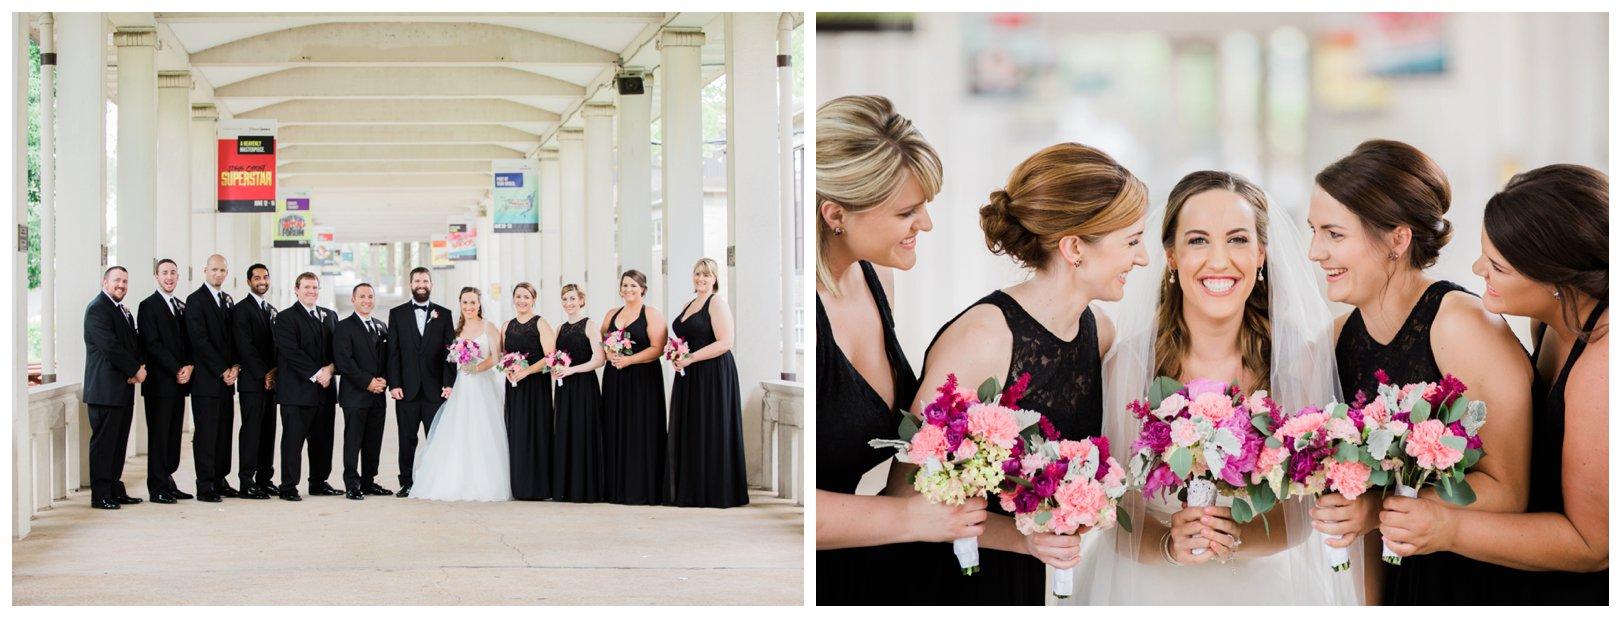 lauren muckler photography_fine art film wedding photography_st louis_photography_1095.jpg